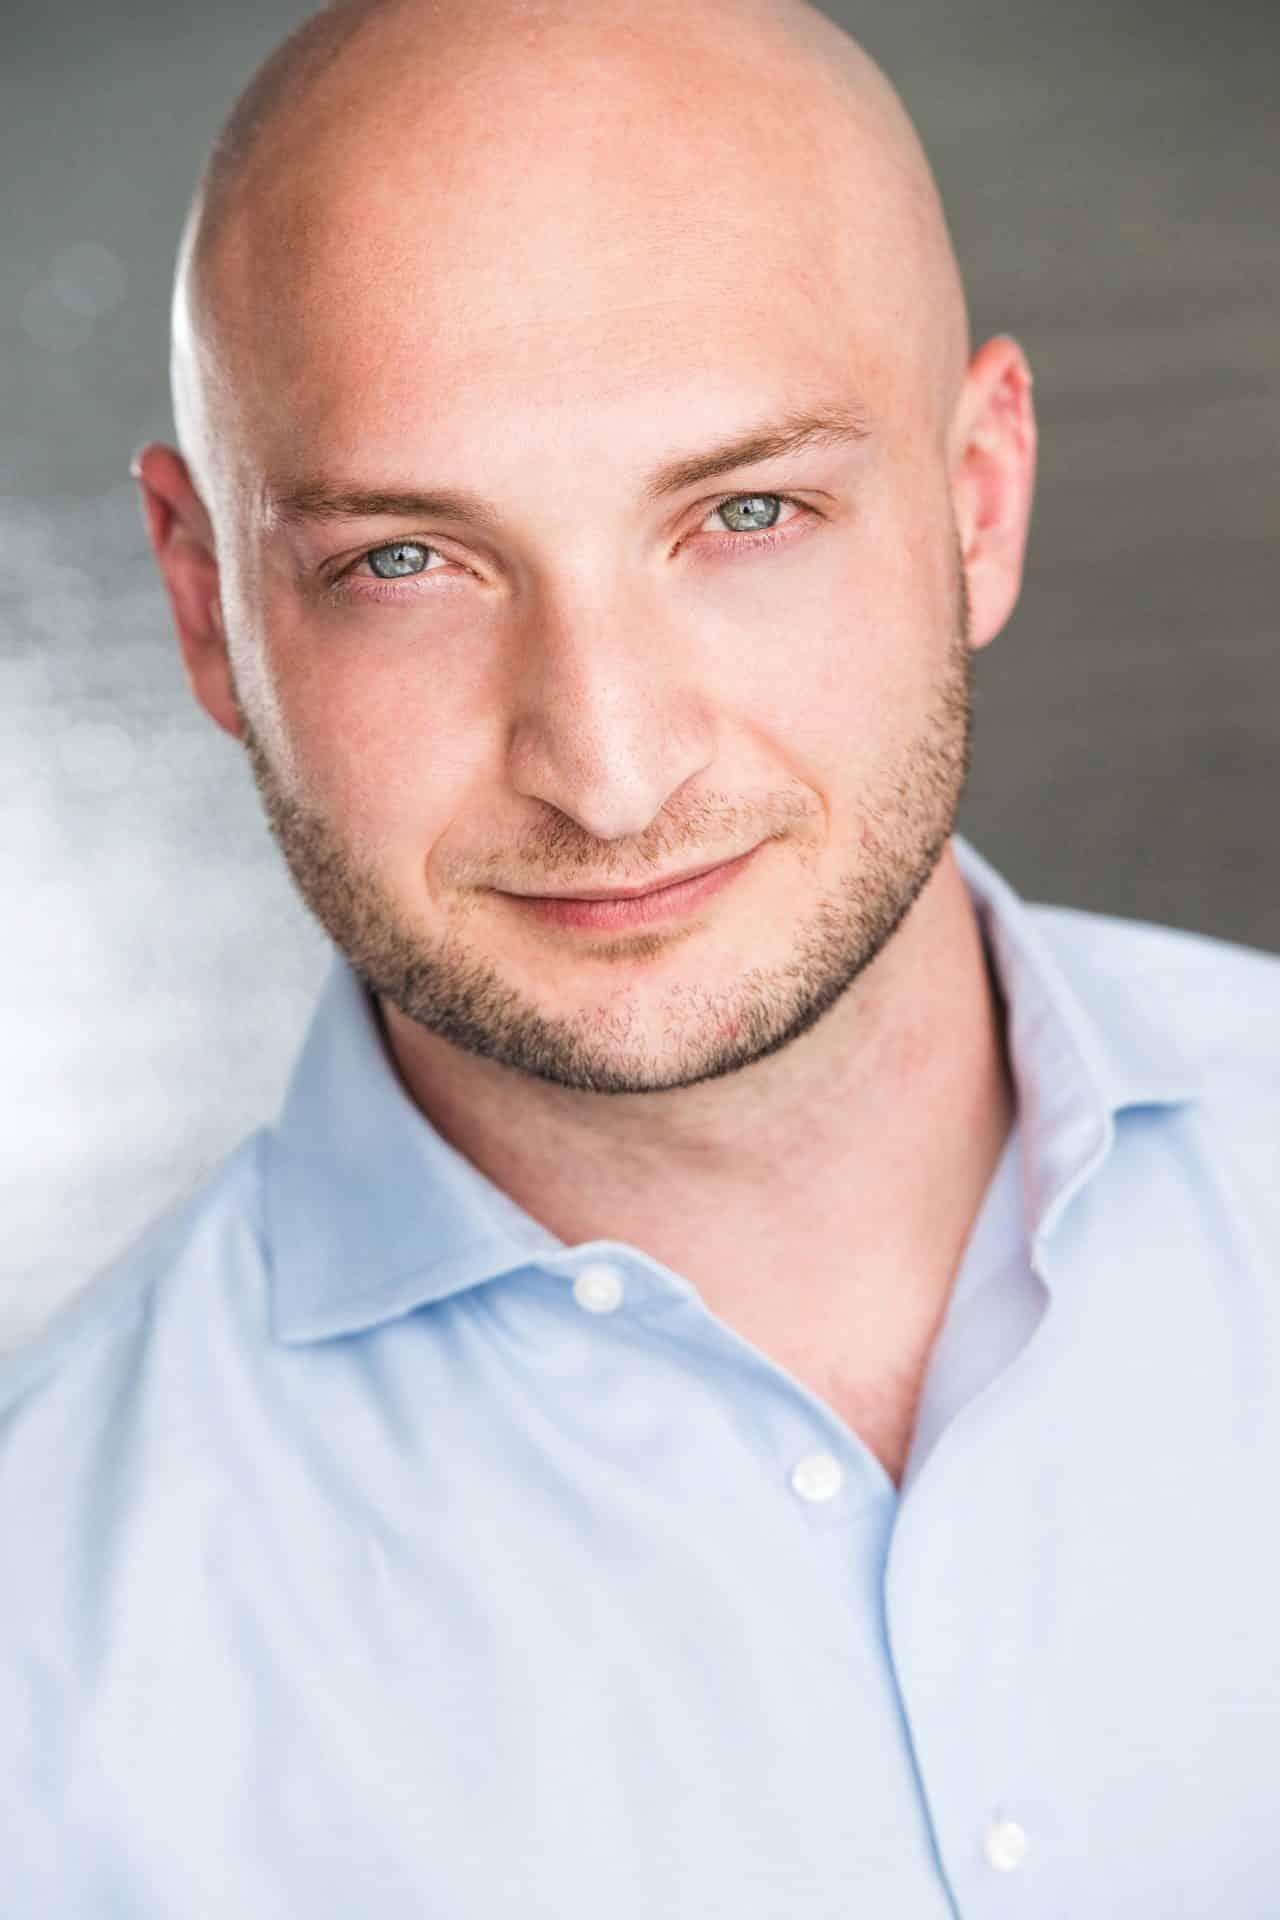 Zach Pomer